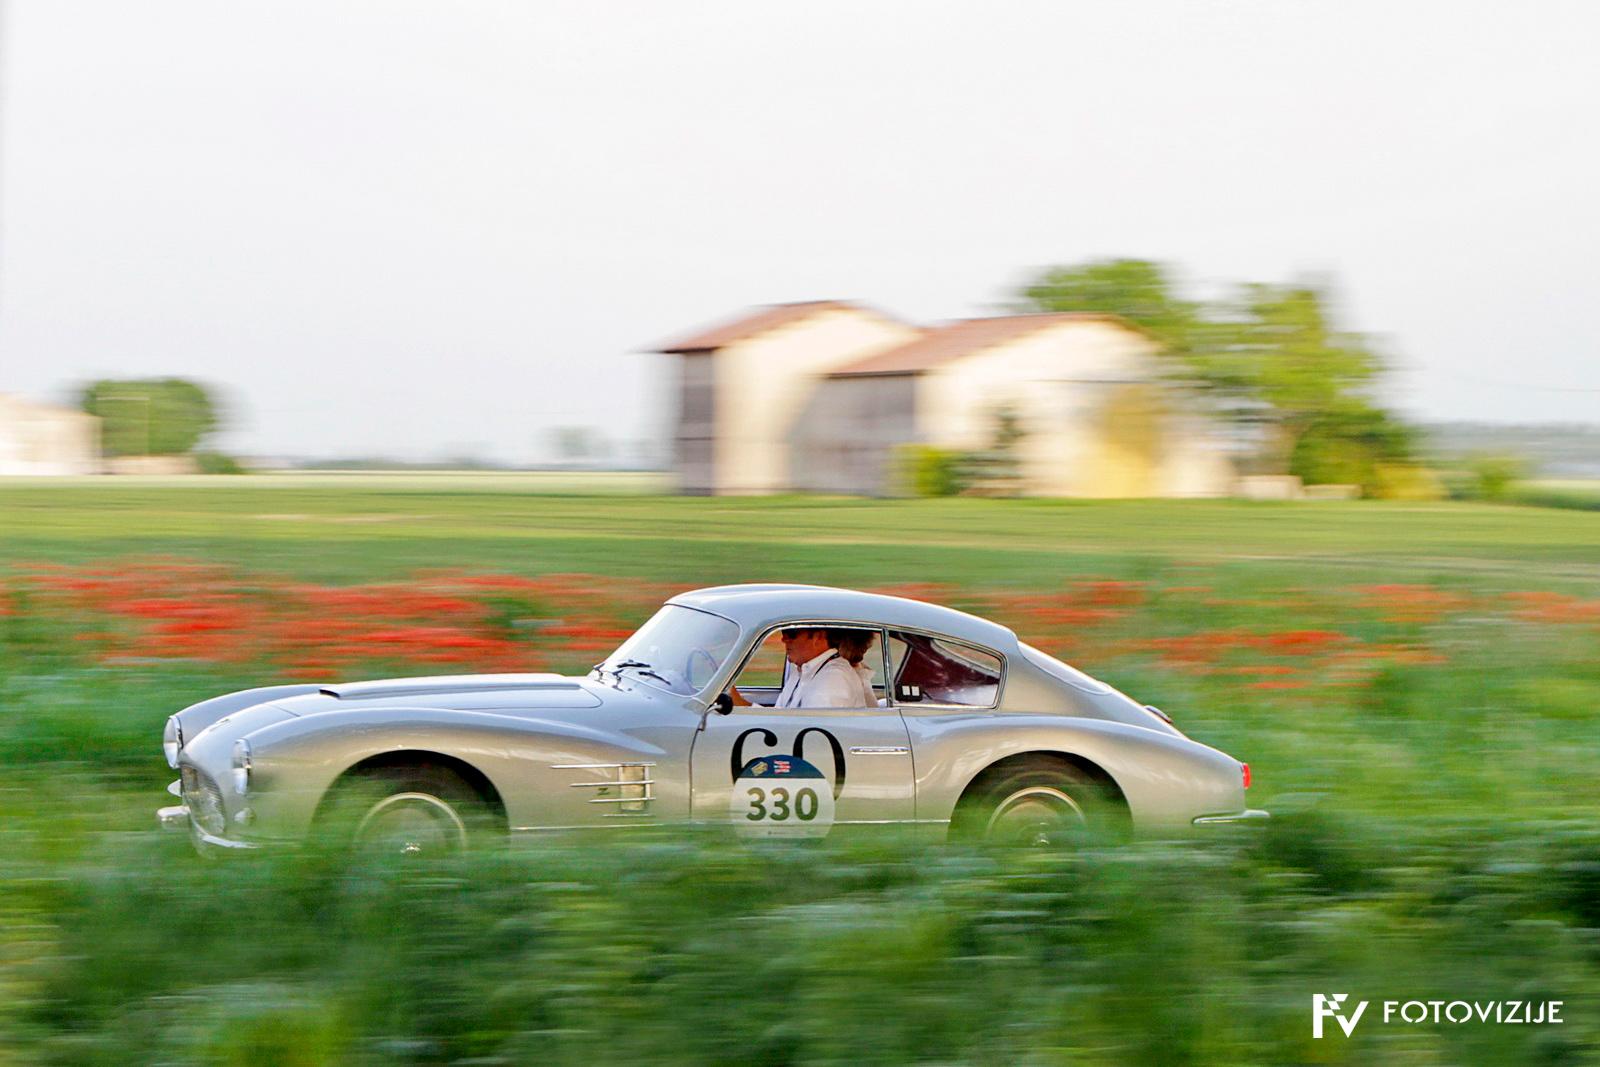 Mille Miglia 2018: Fiat 8V, 1954, na poti proti Mantovi